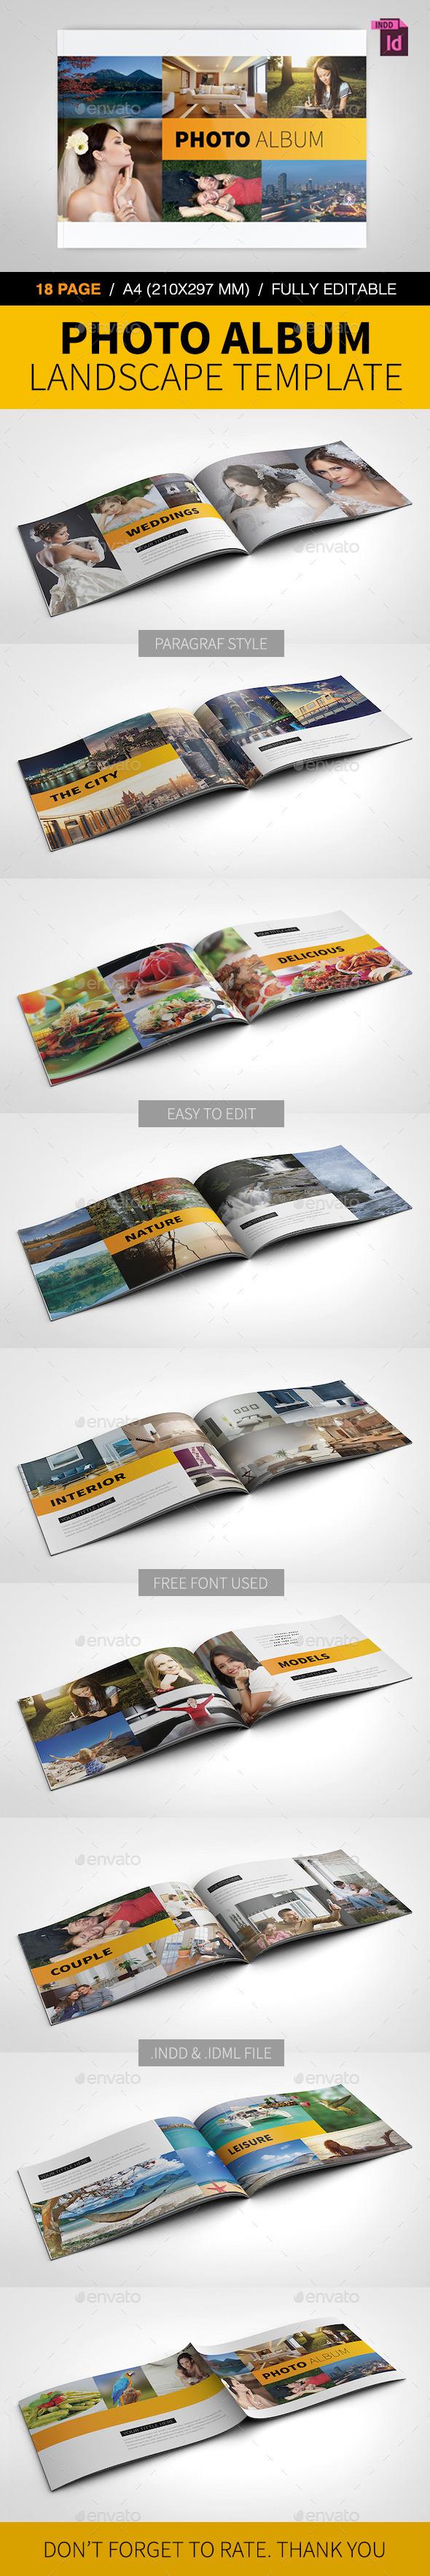 GraphicRiver Photo Album Landscape Template 8933625